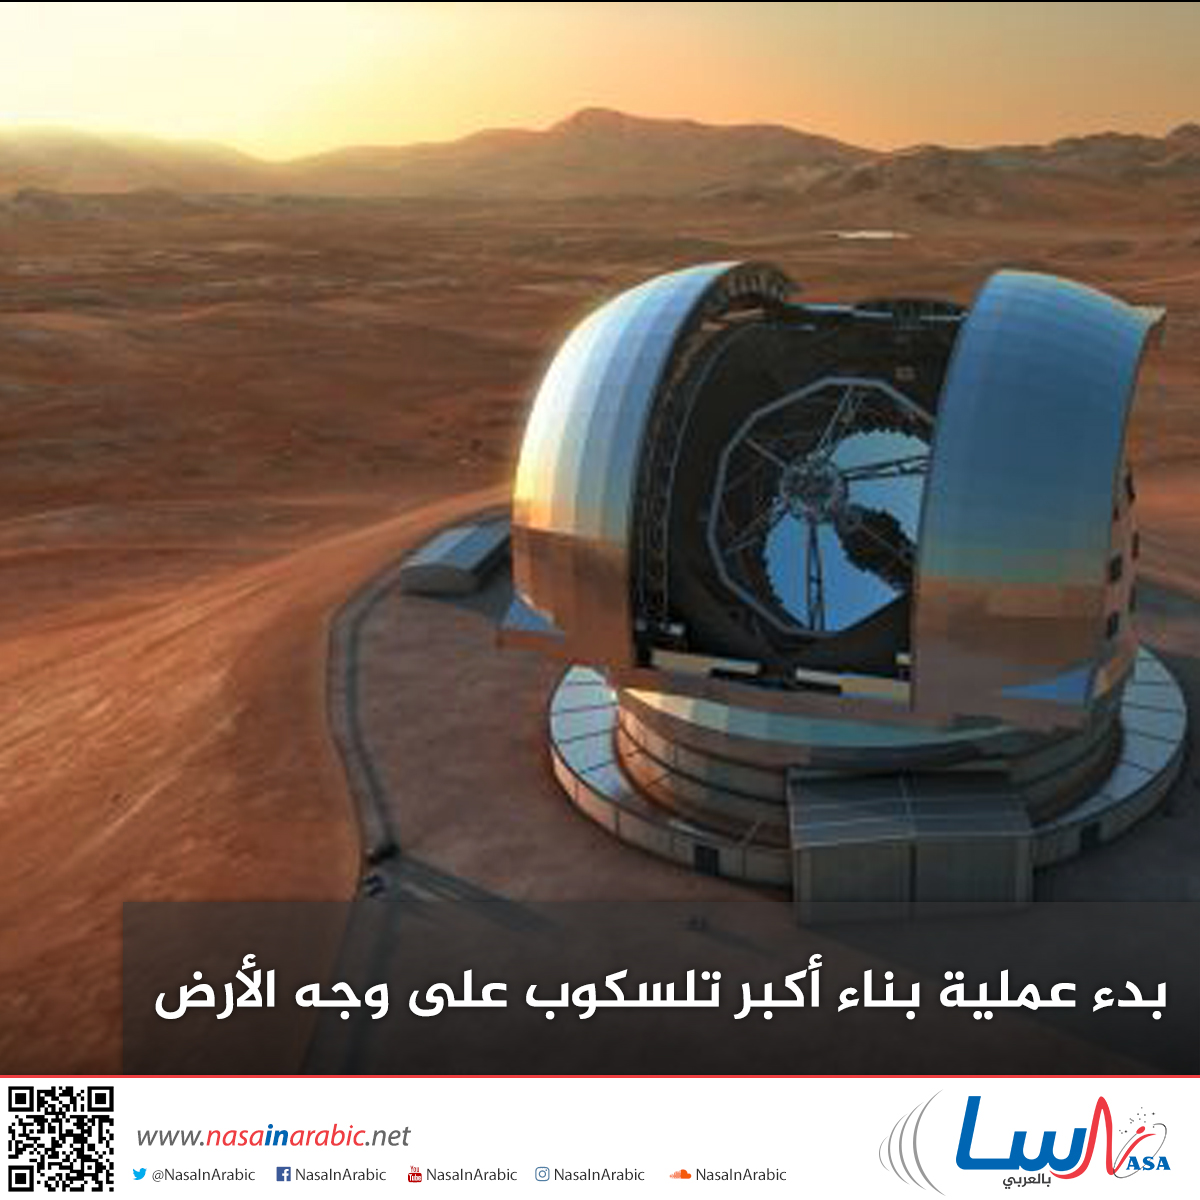 بدء عملية بناء أكبر تلسكوب على وجه الأرض